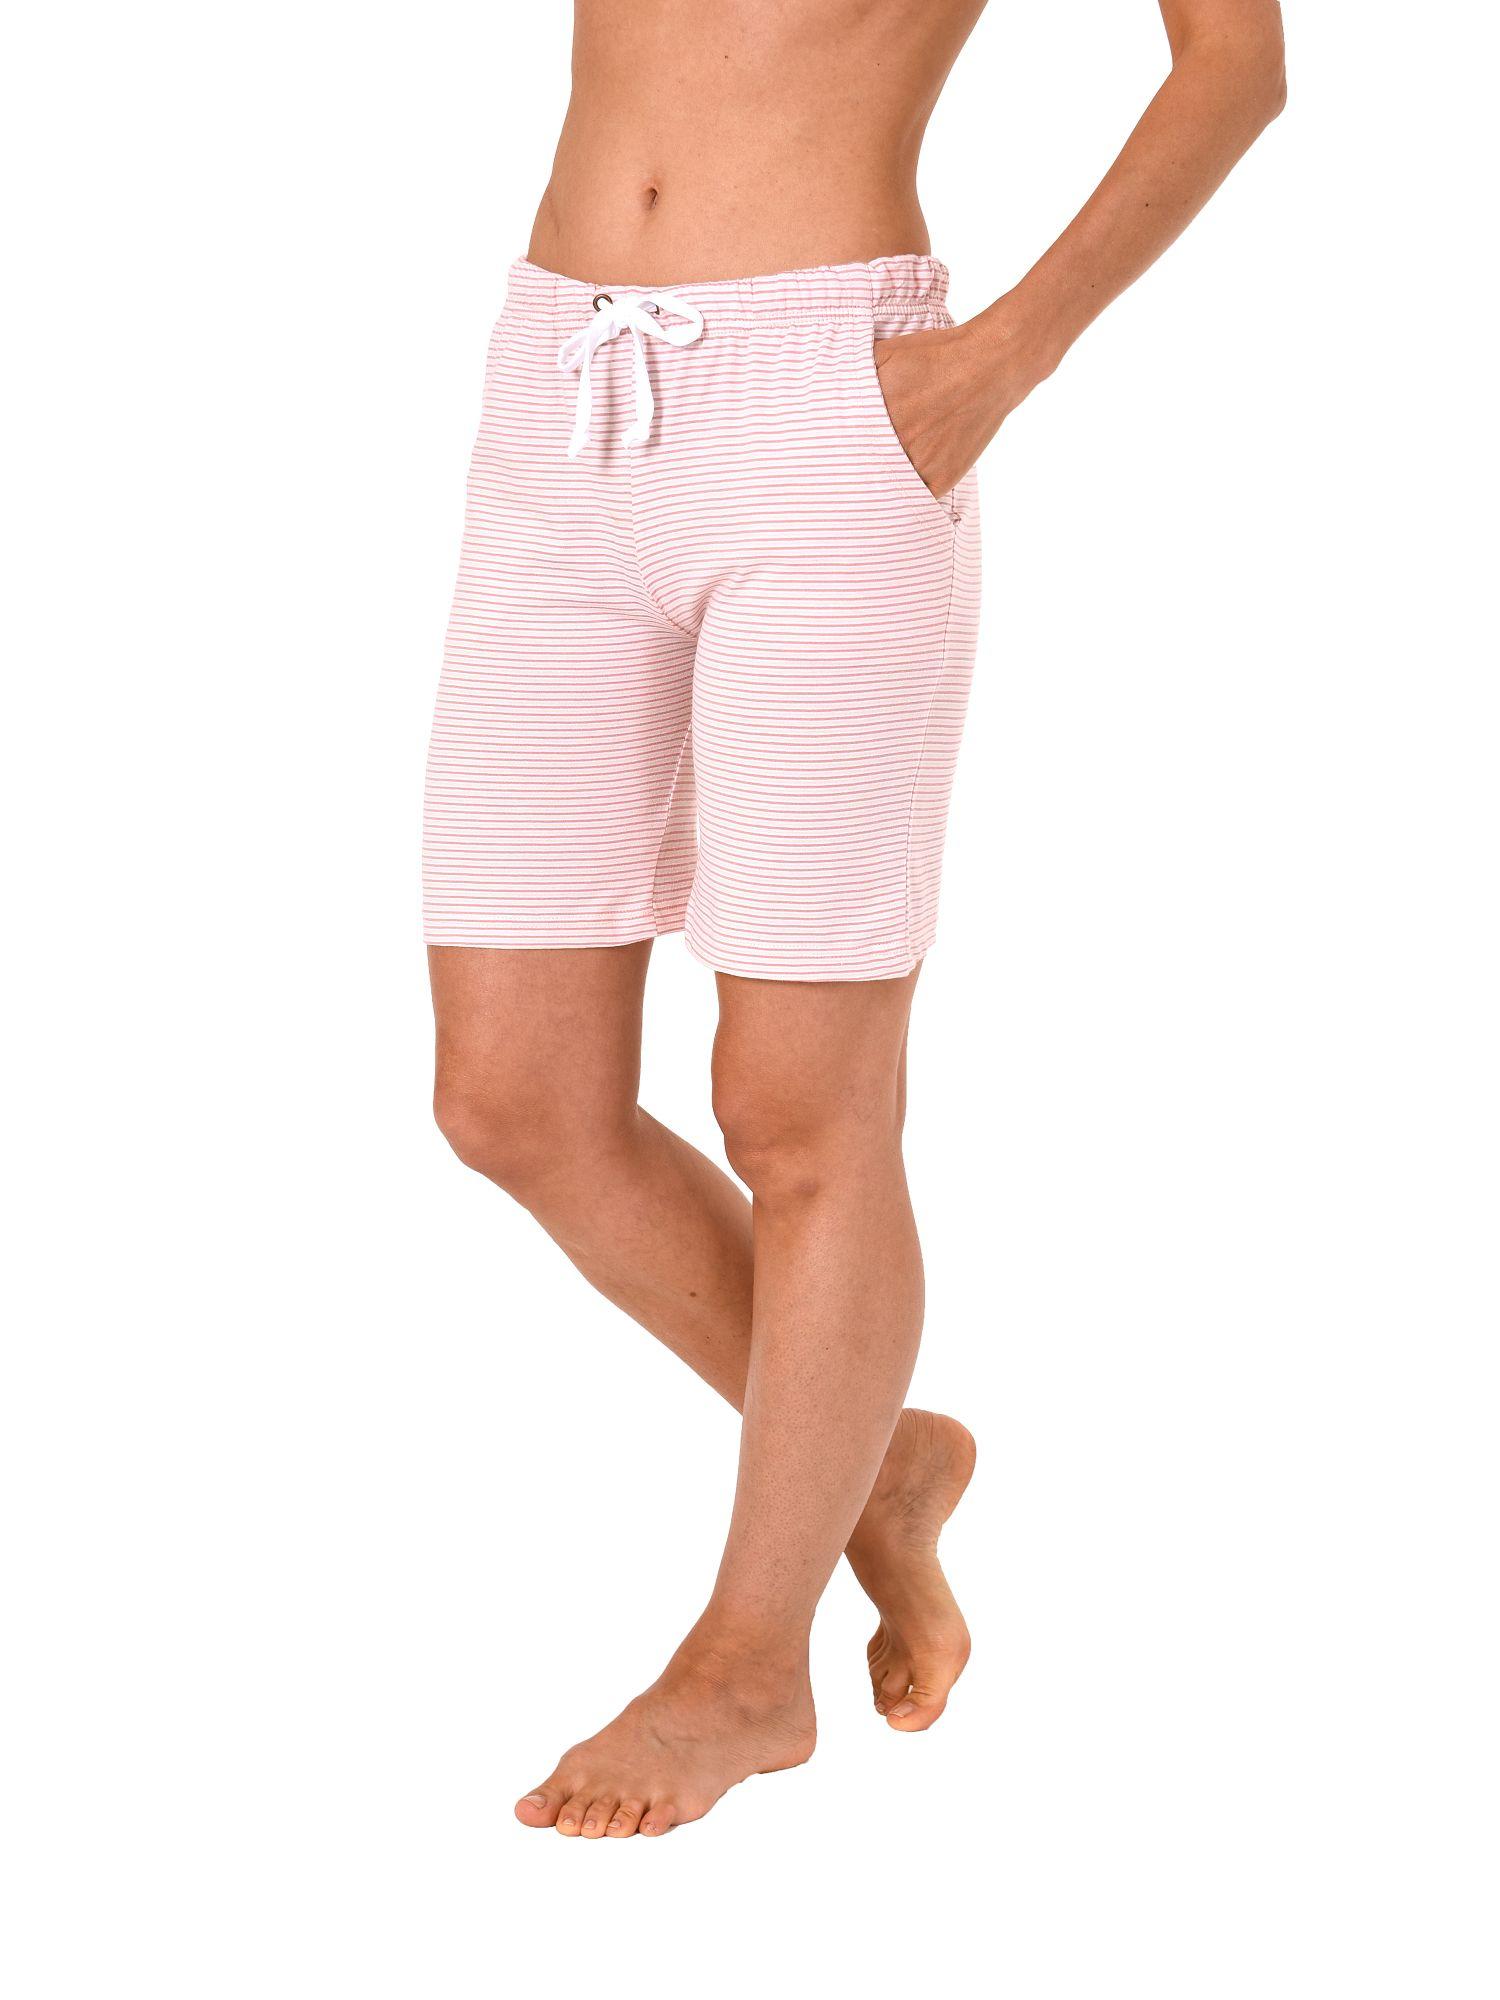 Damen Bermuda Pyjamahose kurz gestreift Mix & Match ideal zum kombinieren 181 224 90 903